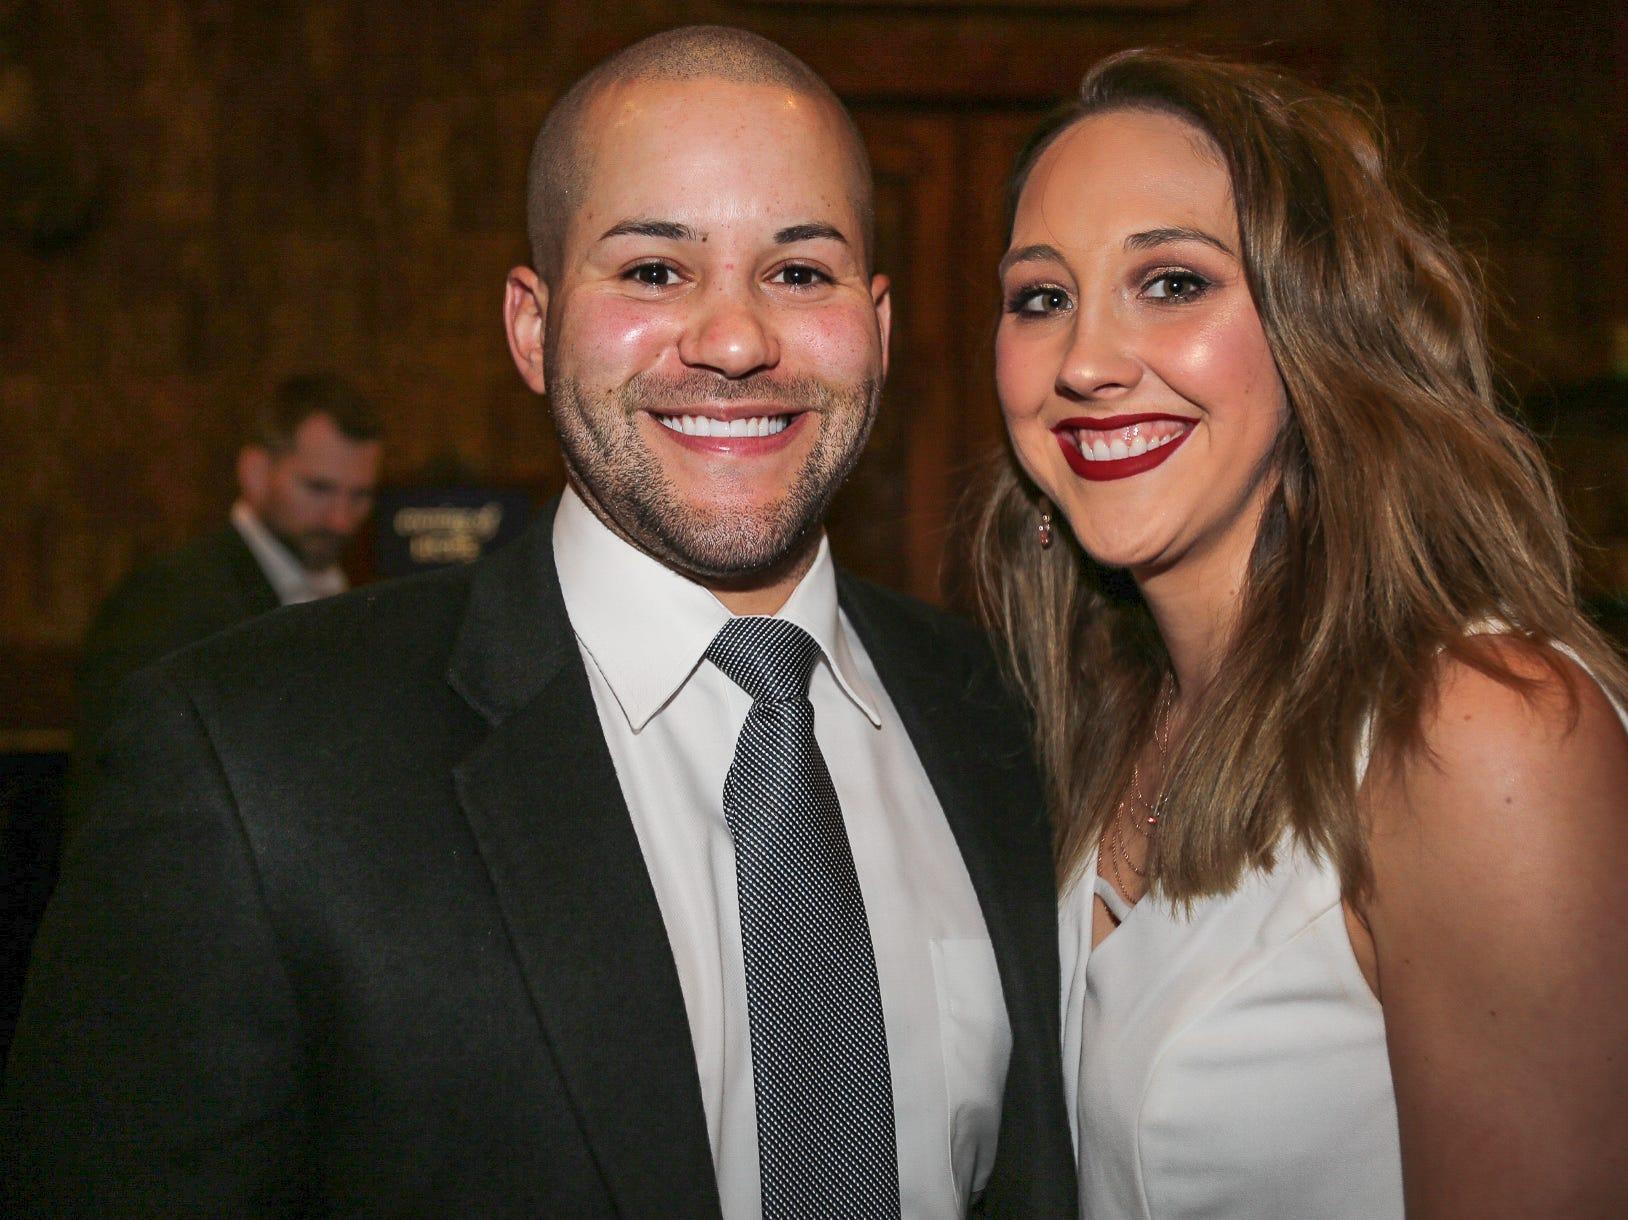 Corey Duncan and Ashton May